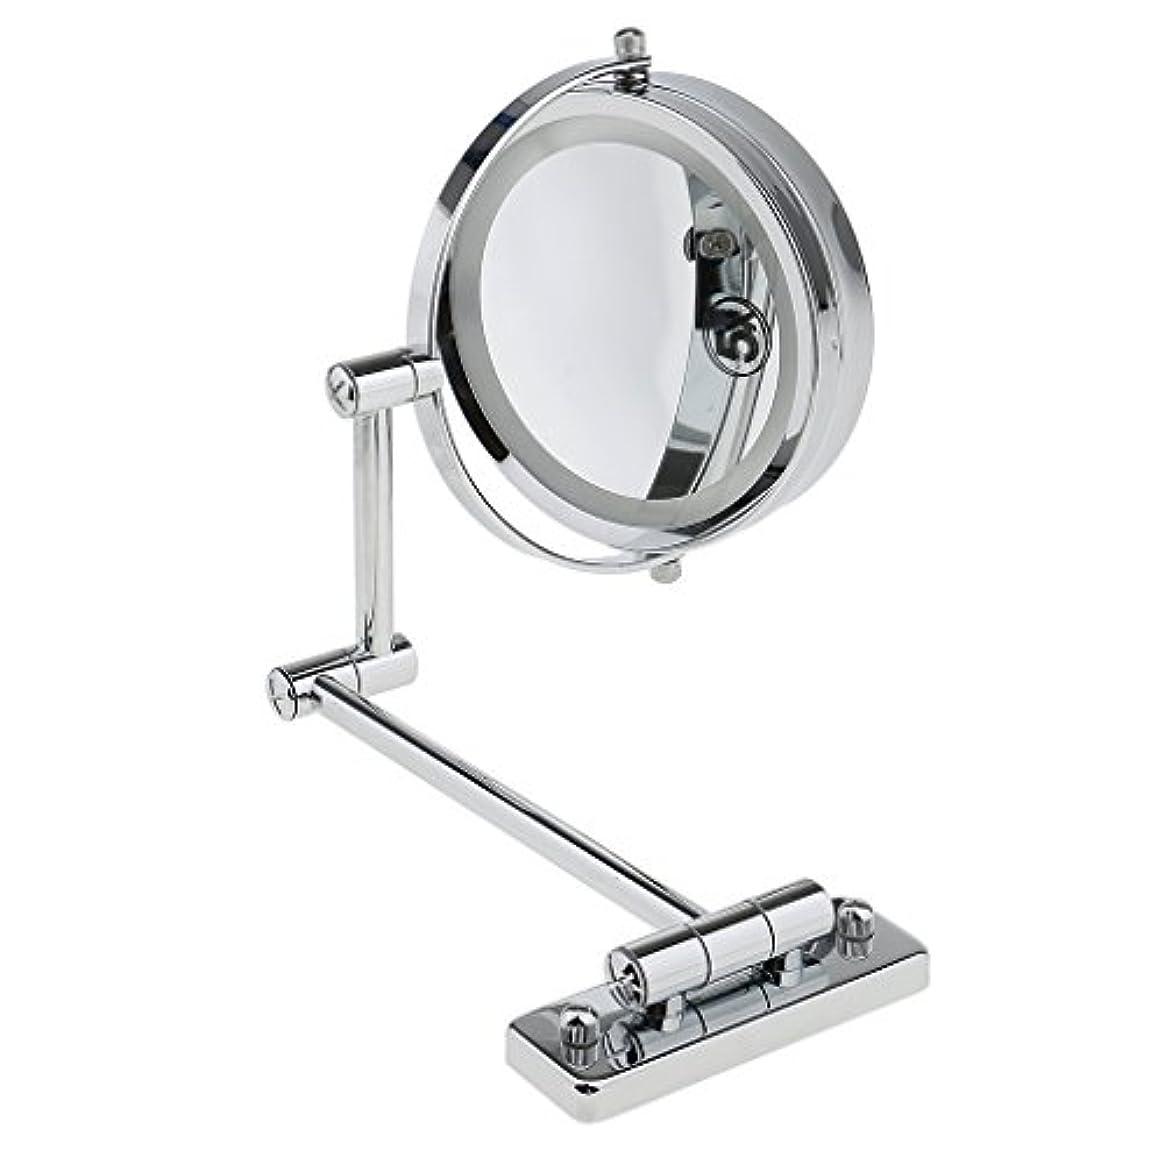 どうやってセンター自信があるKOZEEY SMDライト 両面ミラー 壁掛け式 5倍拡大鏡 360度回転 エチケットチェック